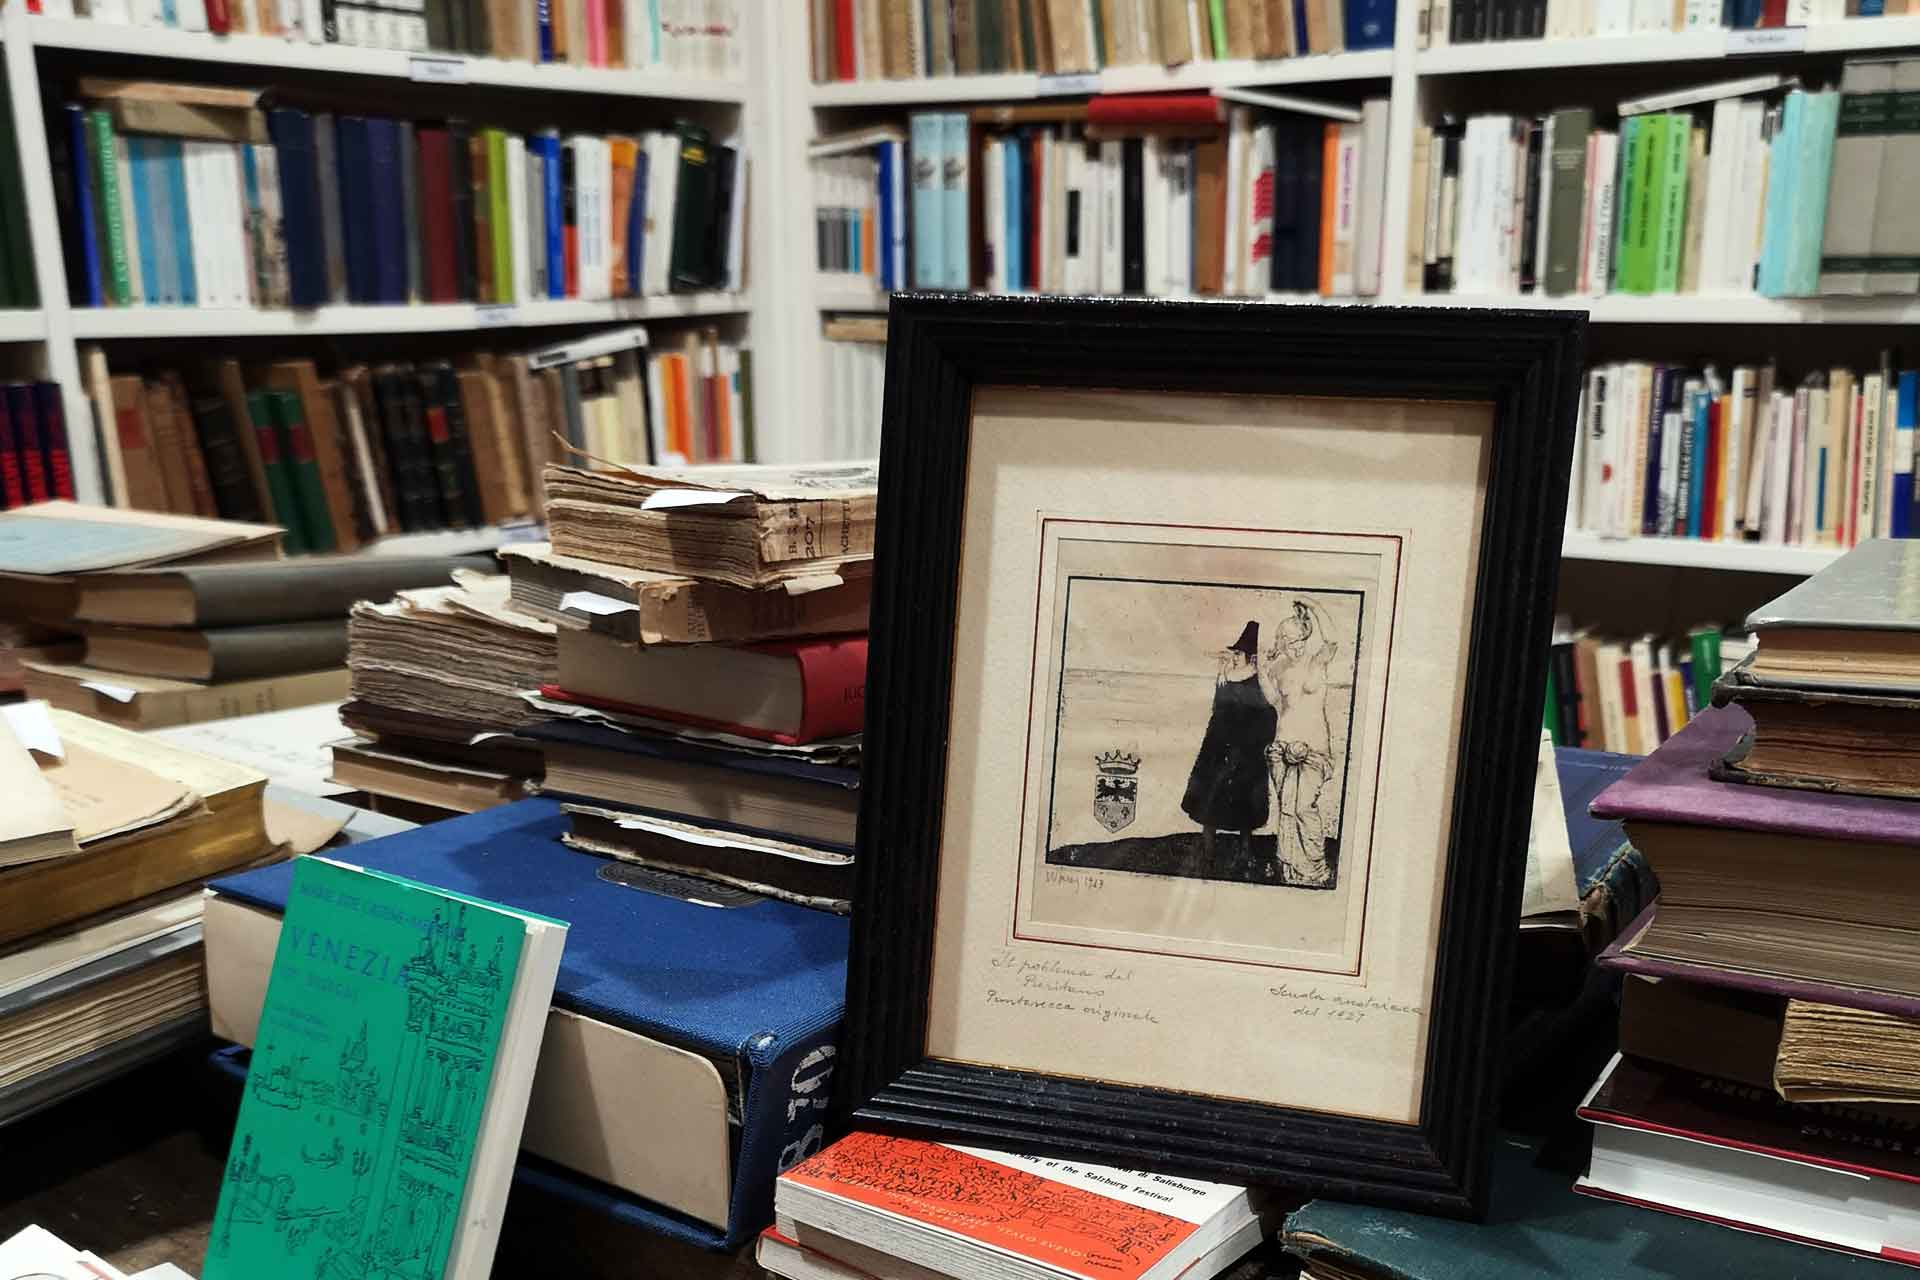 libreria dedalus a Trieste